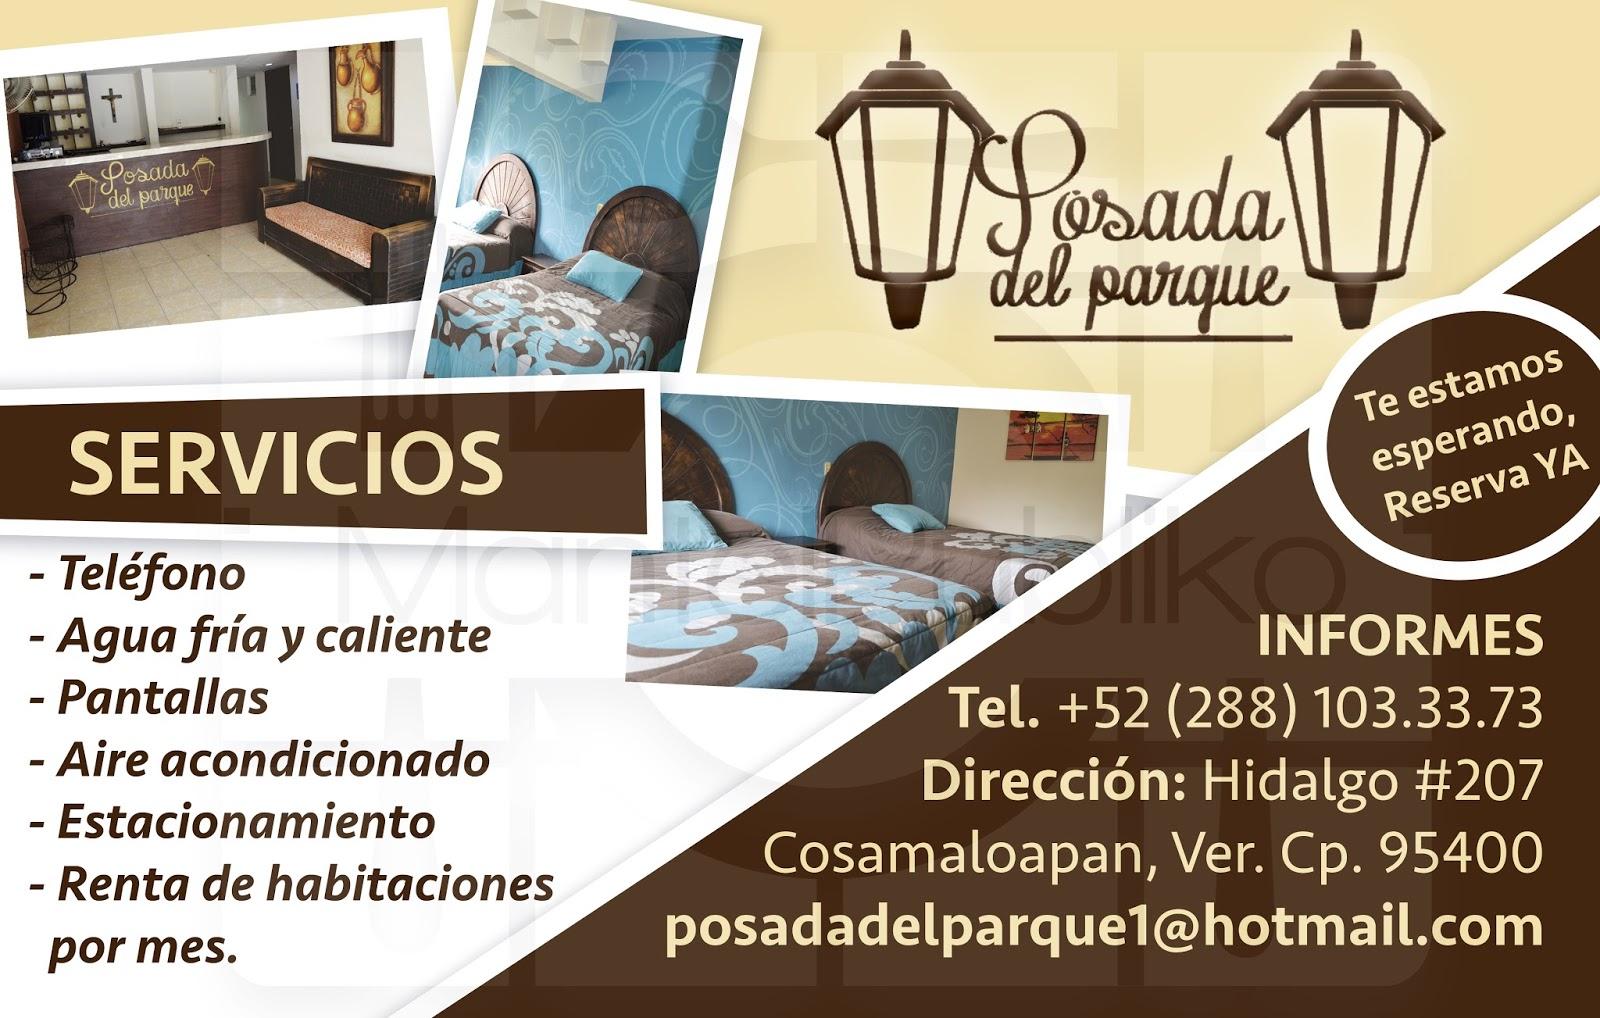 Publicidad en cosamaloapan mantelpubliko materias primas for Anuncios de renta de cuartos